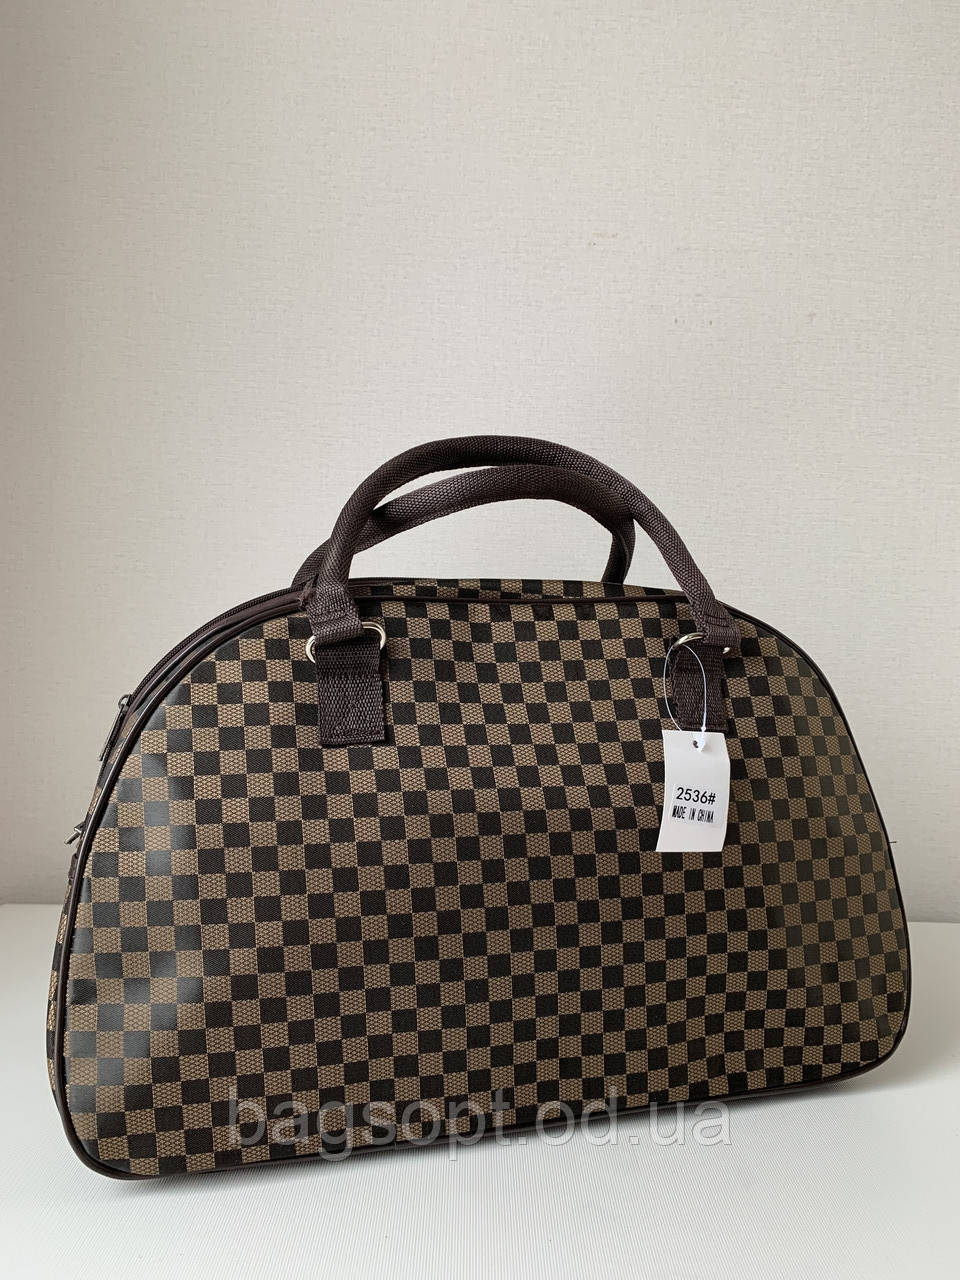 Коричнева жіноча дорожня сумка саквояж ручна поклажа